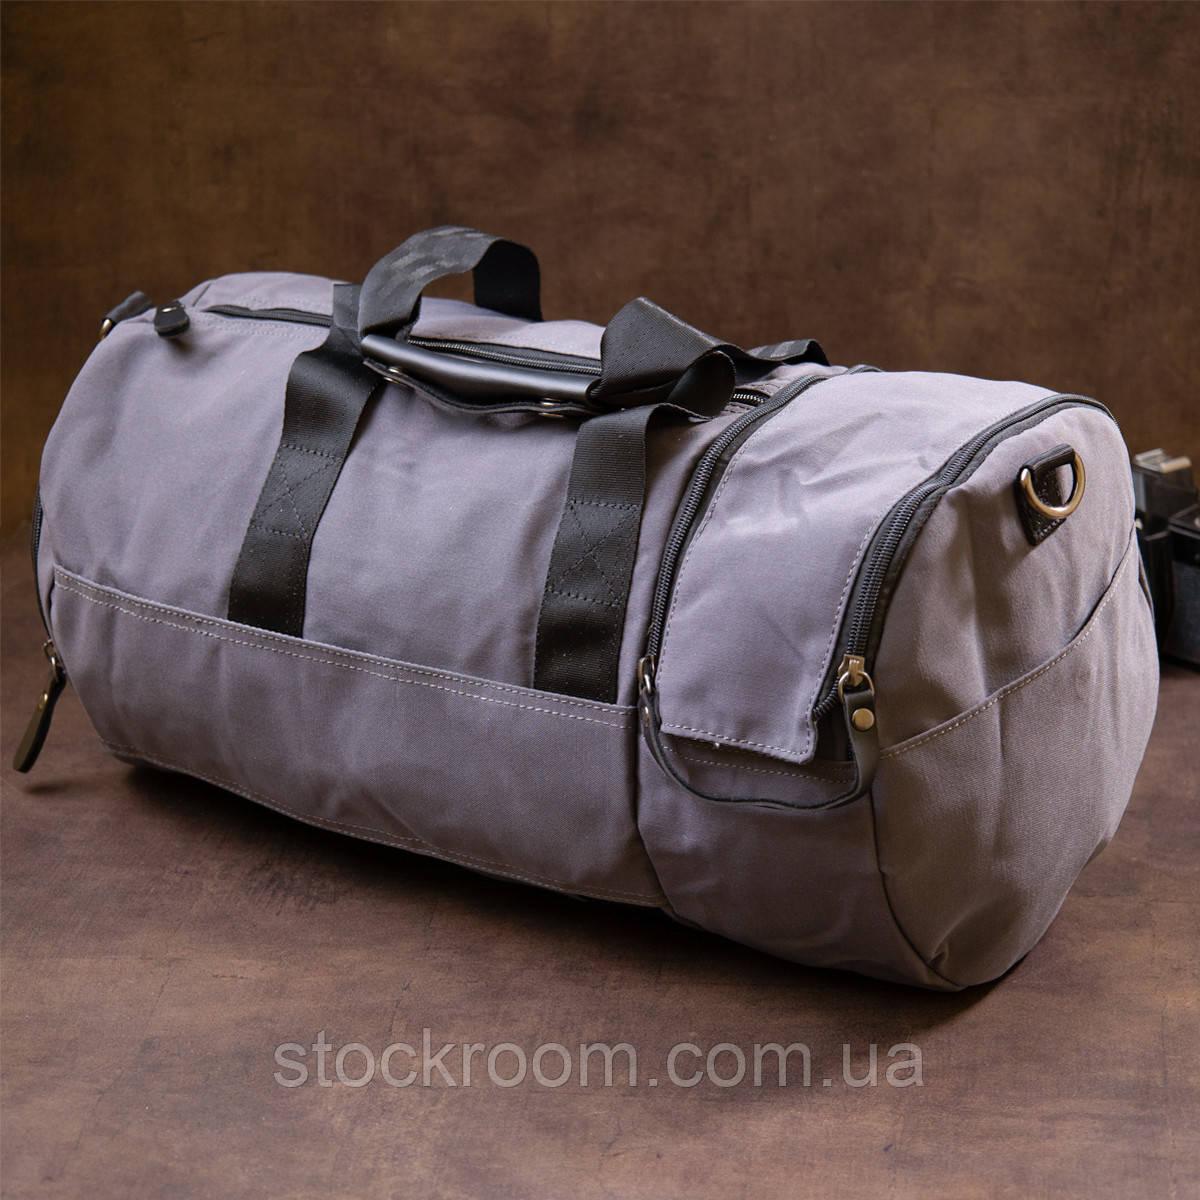 Спортивная сумка текстильная Vintage 20641 Серая